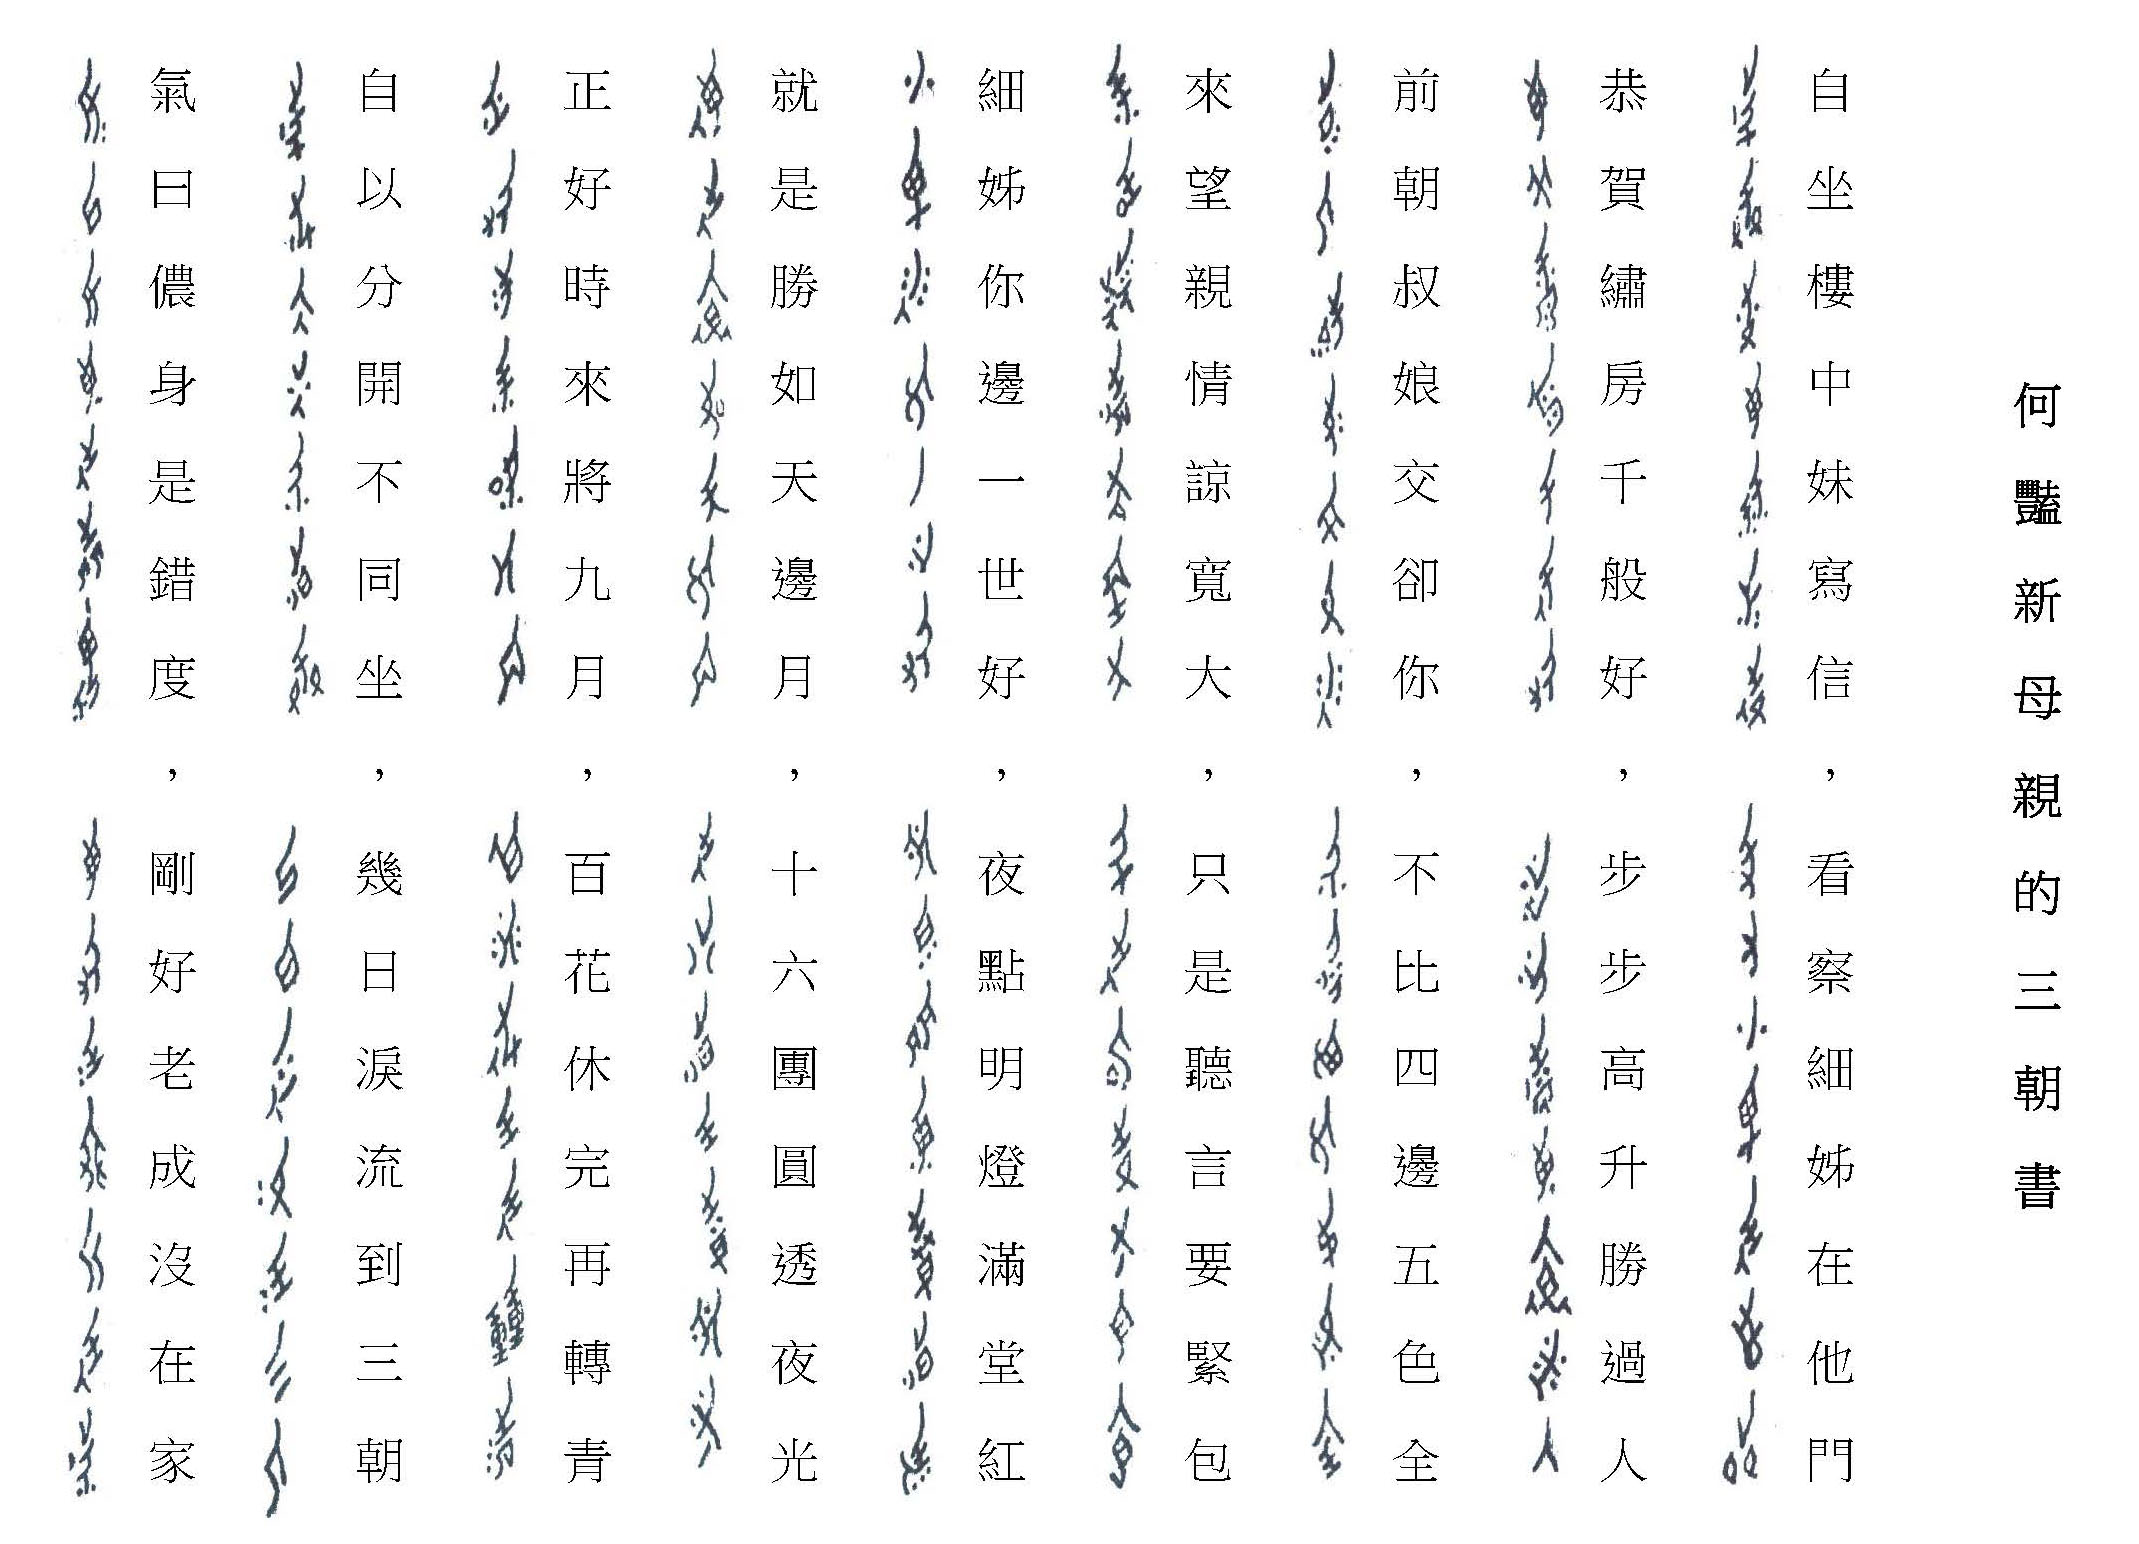 女書與漢字的對照圖│劉斐玟